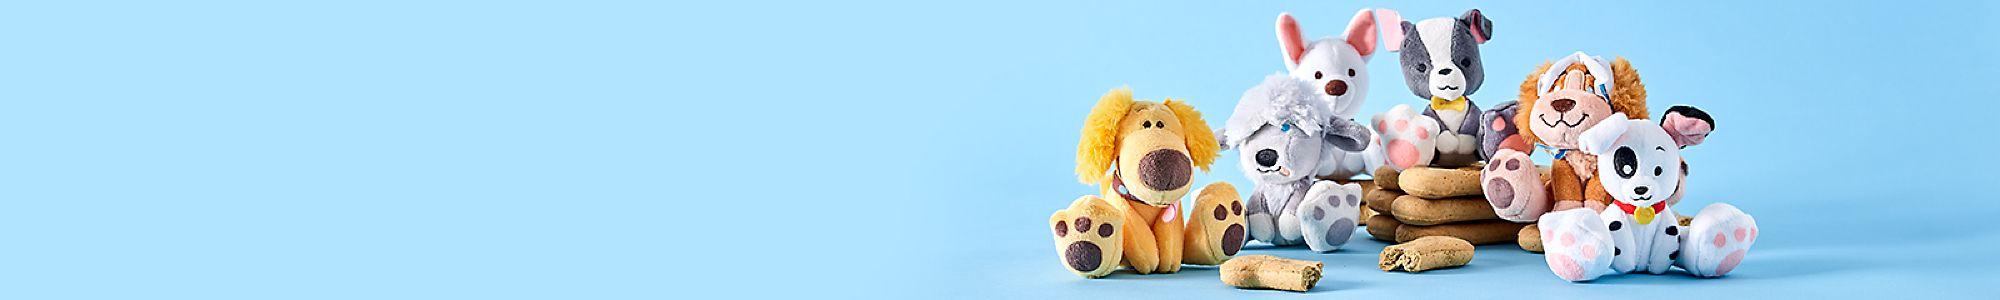 Des amis tout doux Nous nous sommes inspirés des chiens légendaires de Disney pour vous proposer ces peluches Tiny Big Feet Oh My Disney Sortie le 30 août